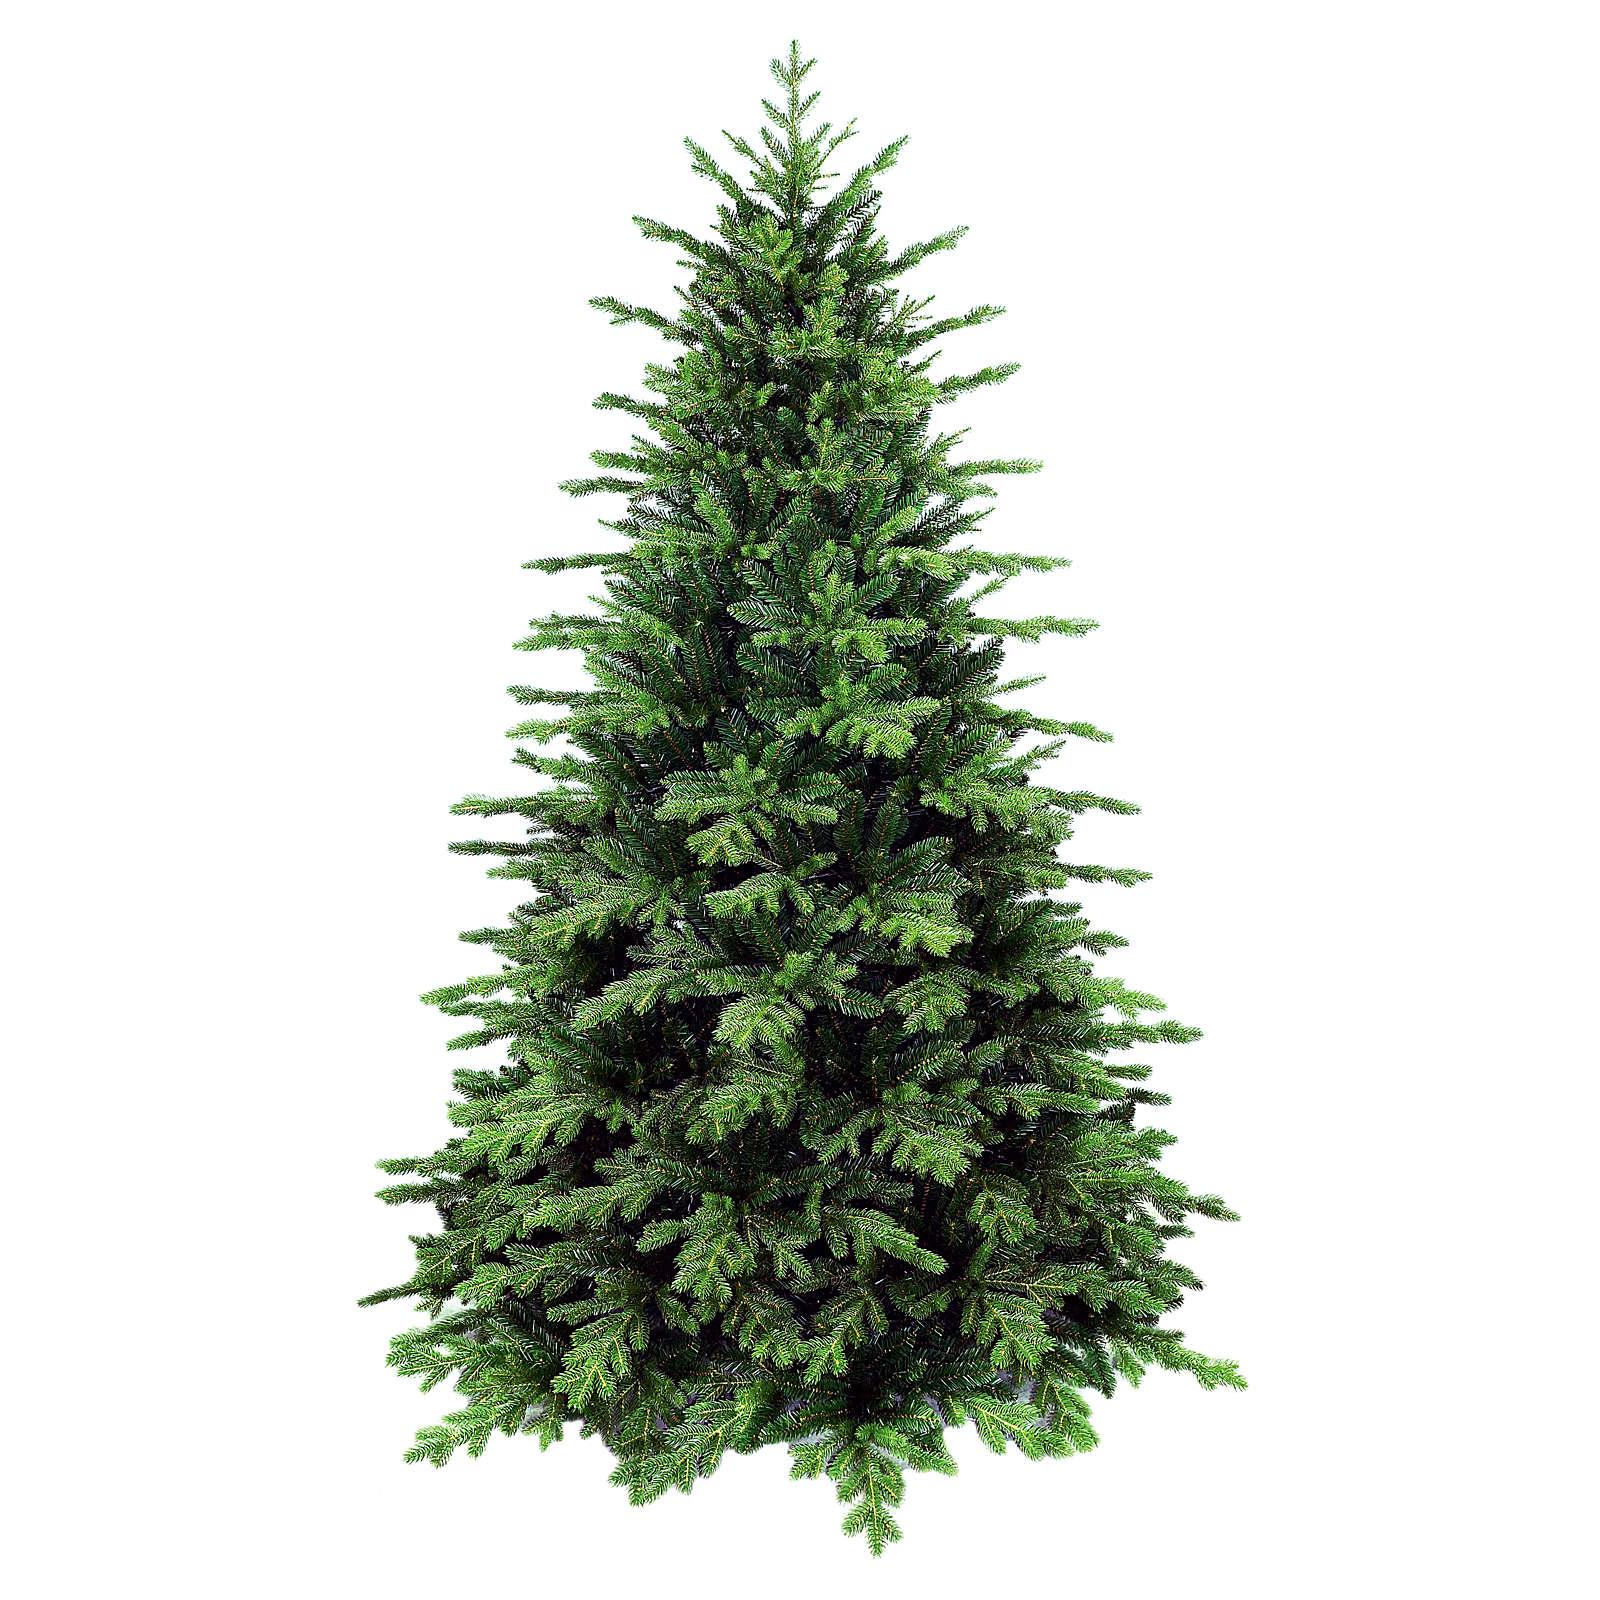 Sapin de Noël 240 cm poly vert Dunant. Sapin de Noël artificiel modèle Dunant de la marque Winter Woodland, réalisé en exclusivité pour Holyart, d'une hauteur de 240 cm avec extrémités des branches vertes en poly (polyéthylène) Winter Woodland 3